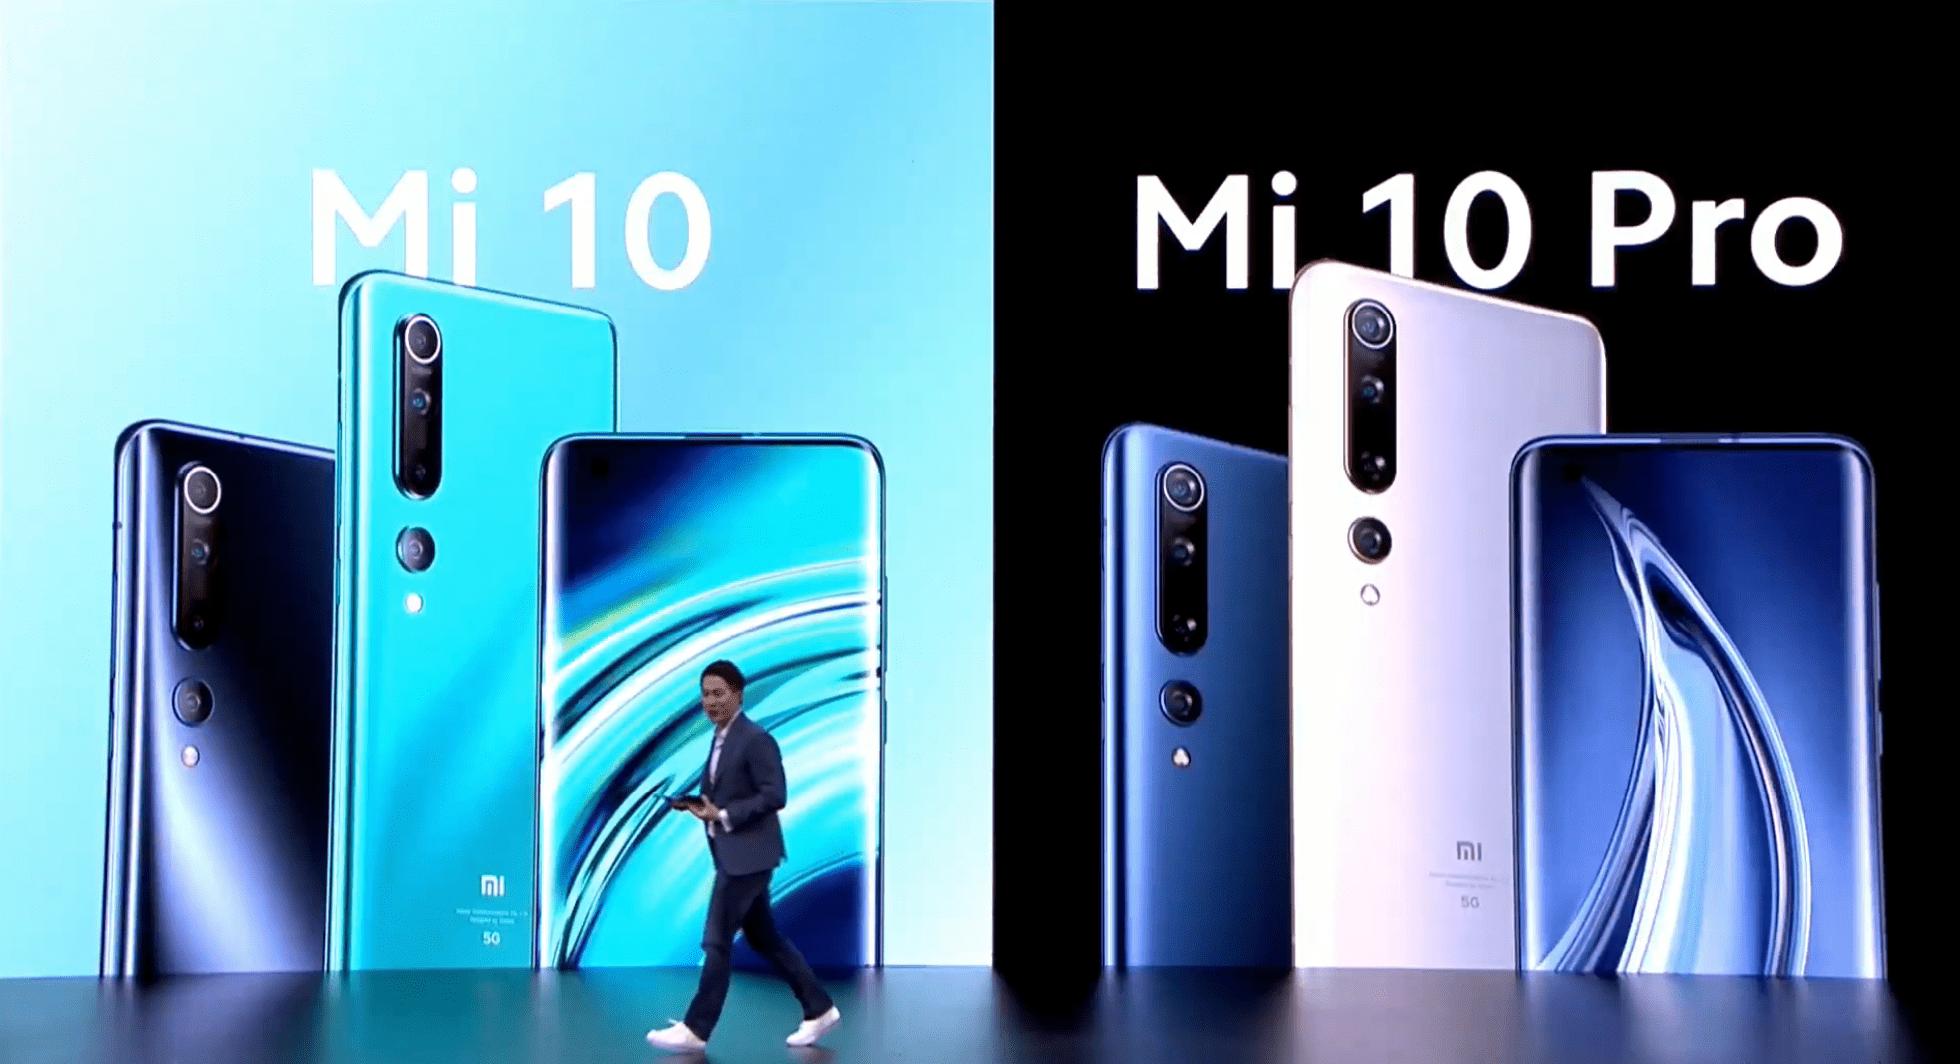 Xiaomi Mi 10 Pro : un tarif de 1000 euros bien trop élevé à vos yeux